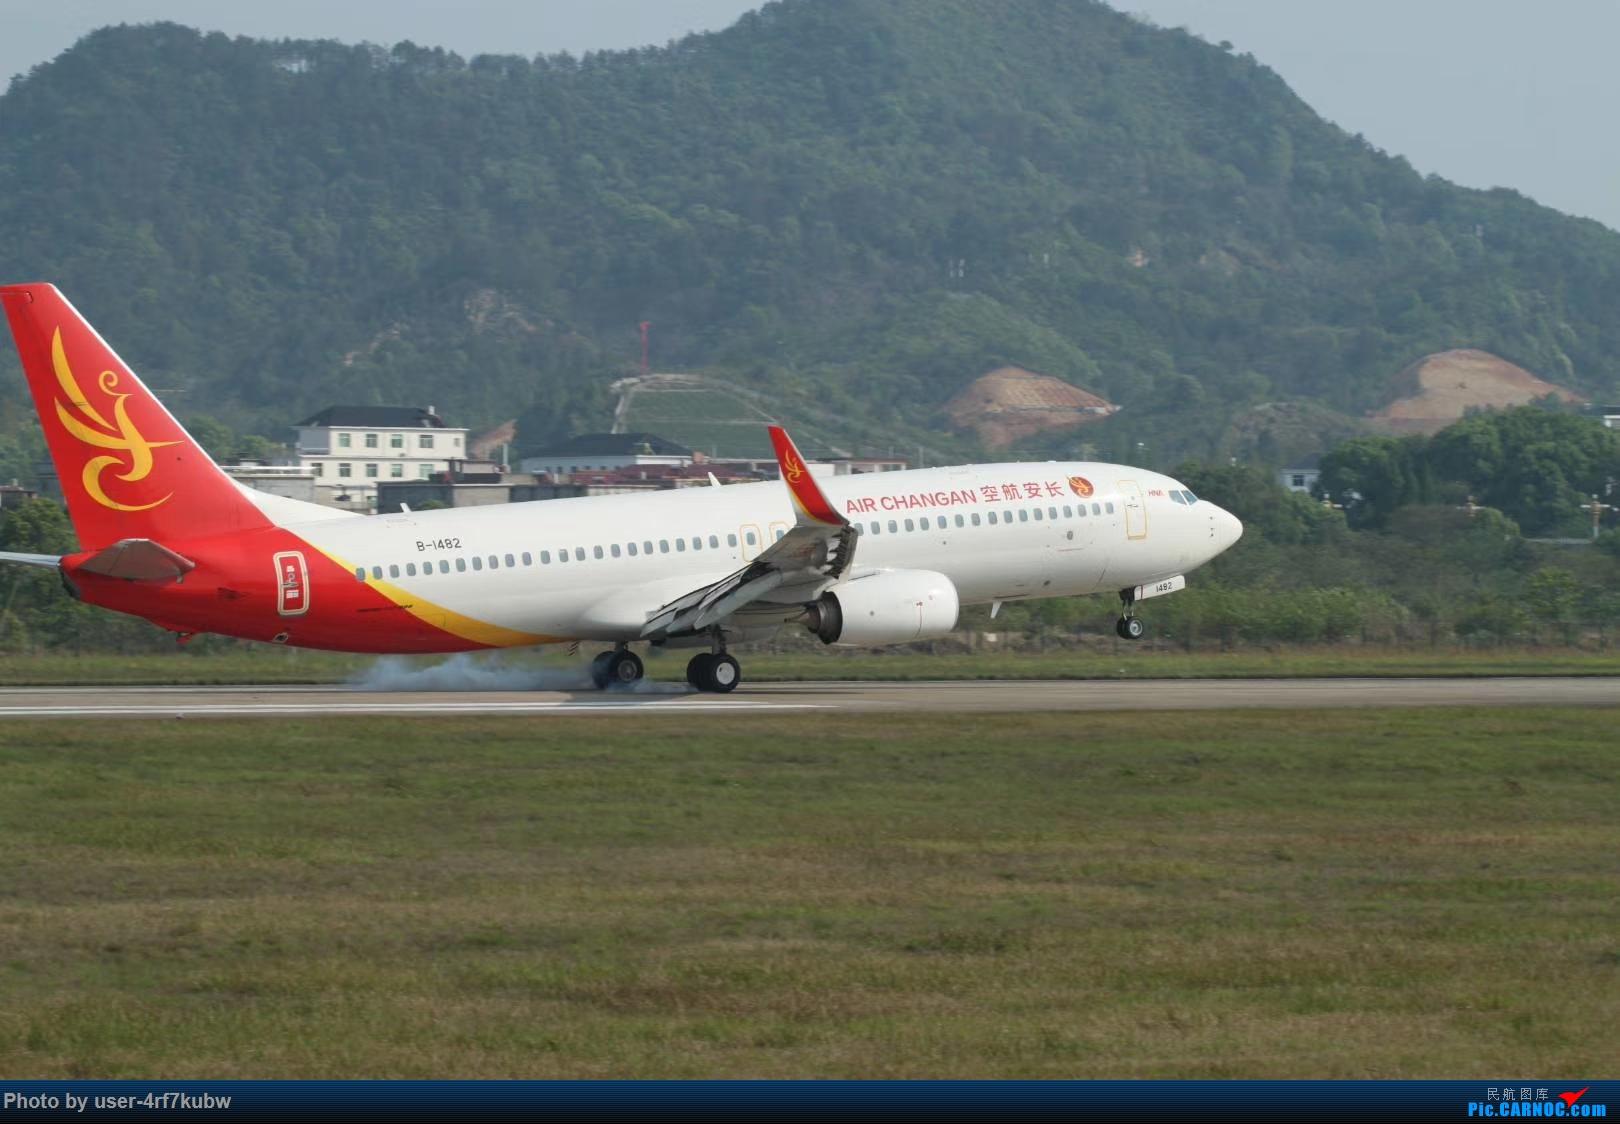 景德镇机场拍机 BOEING 737-800 B-1482 景德镇机场